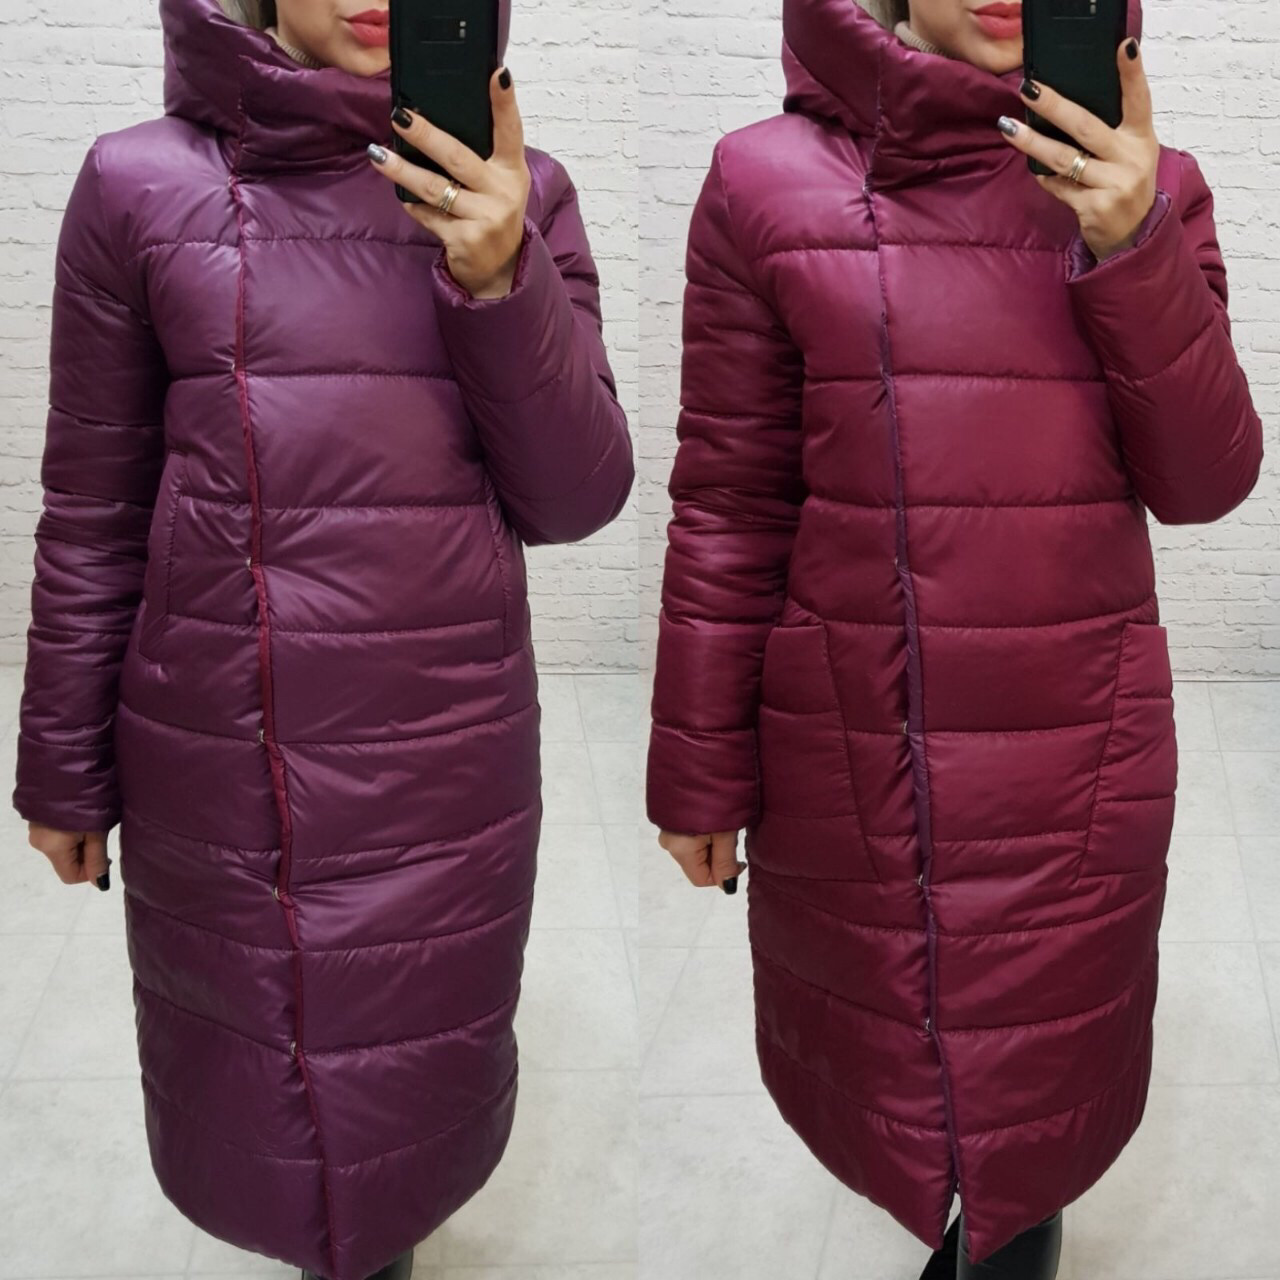 Куртка женская двусторонняя, арт. 1007, марсала/фиолетовый